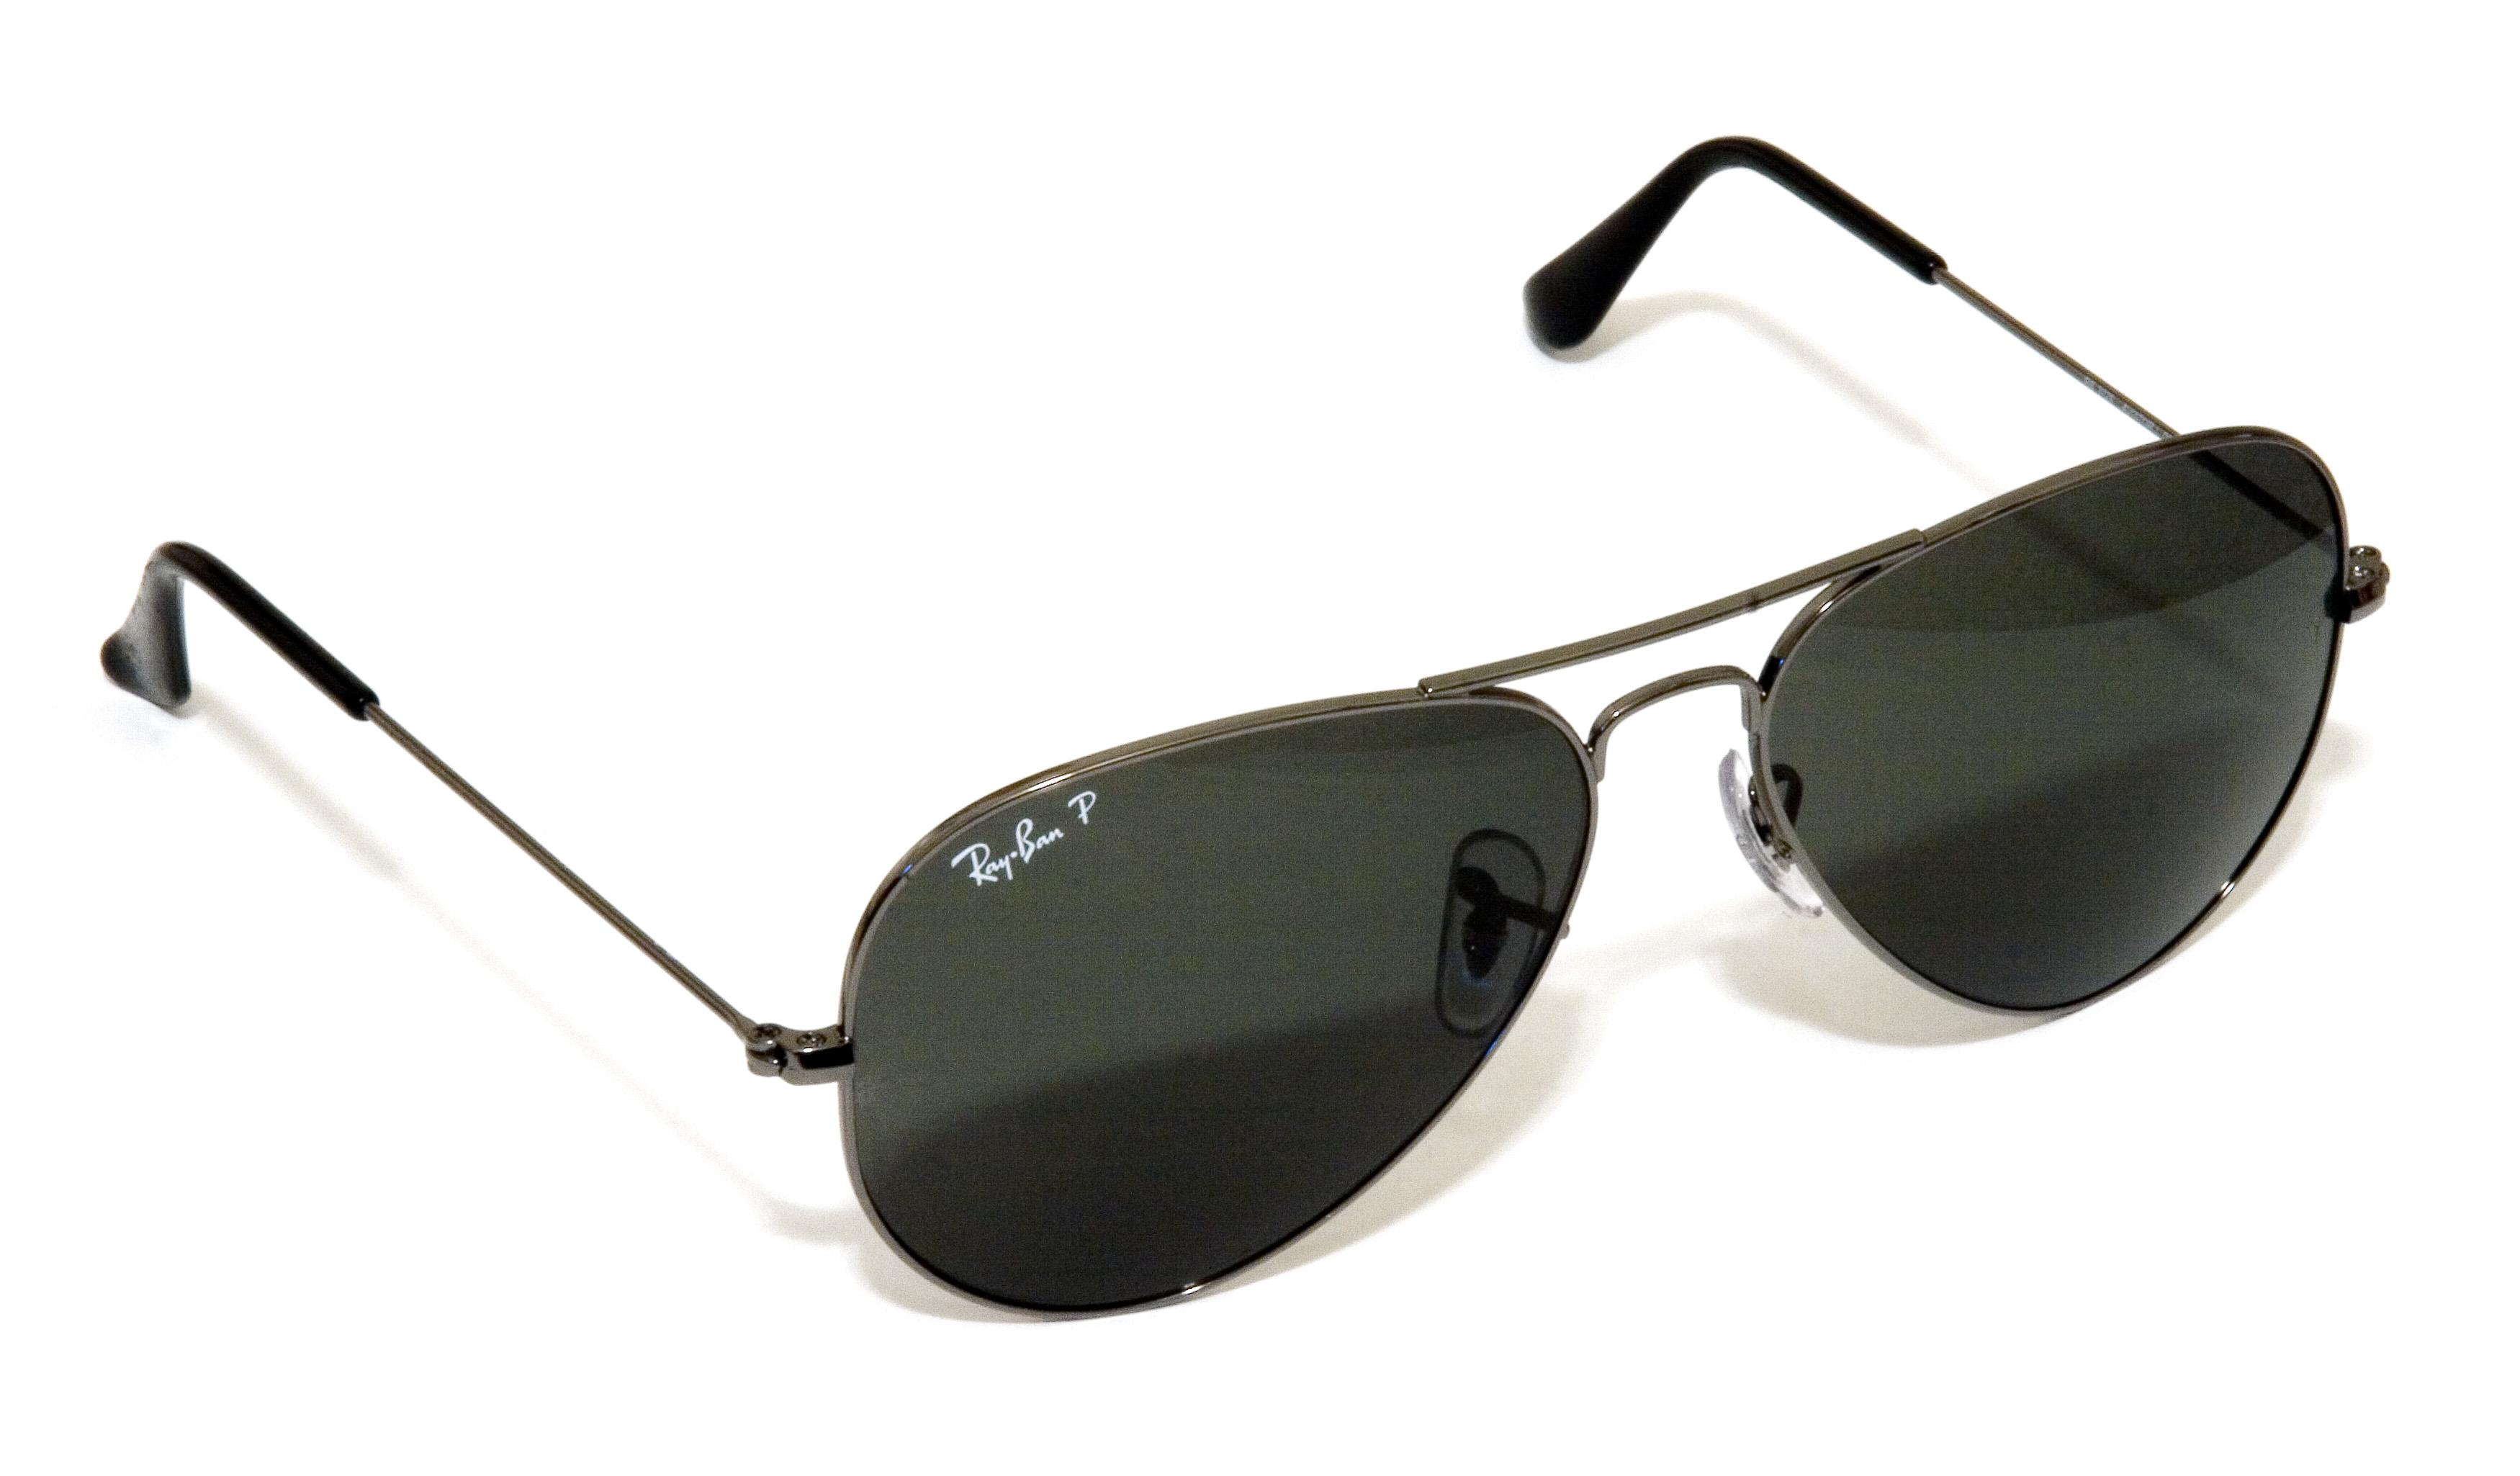 Ray ban specchio prezzo - Occhiali ray ban aviator specchio ...